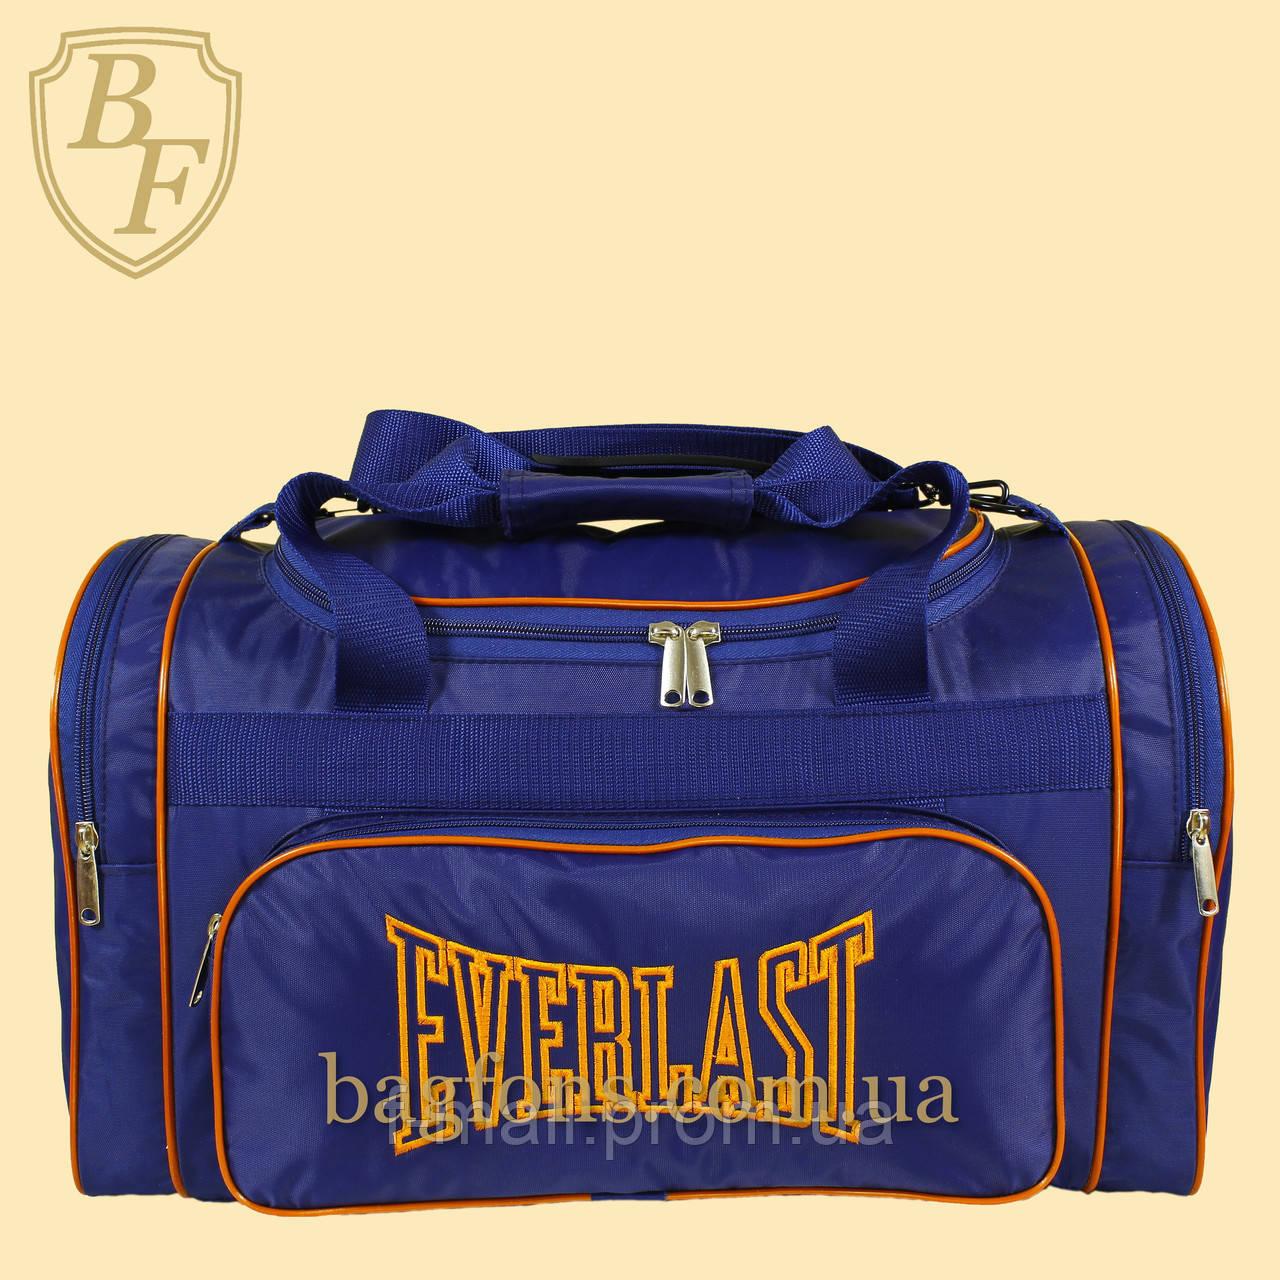 Дорожная спортивная сумка синяя  EVERLAST -40л.